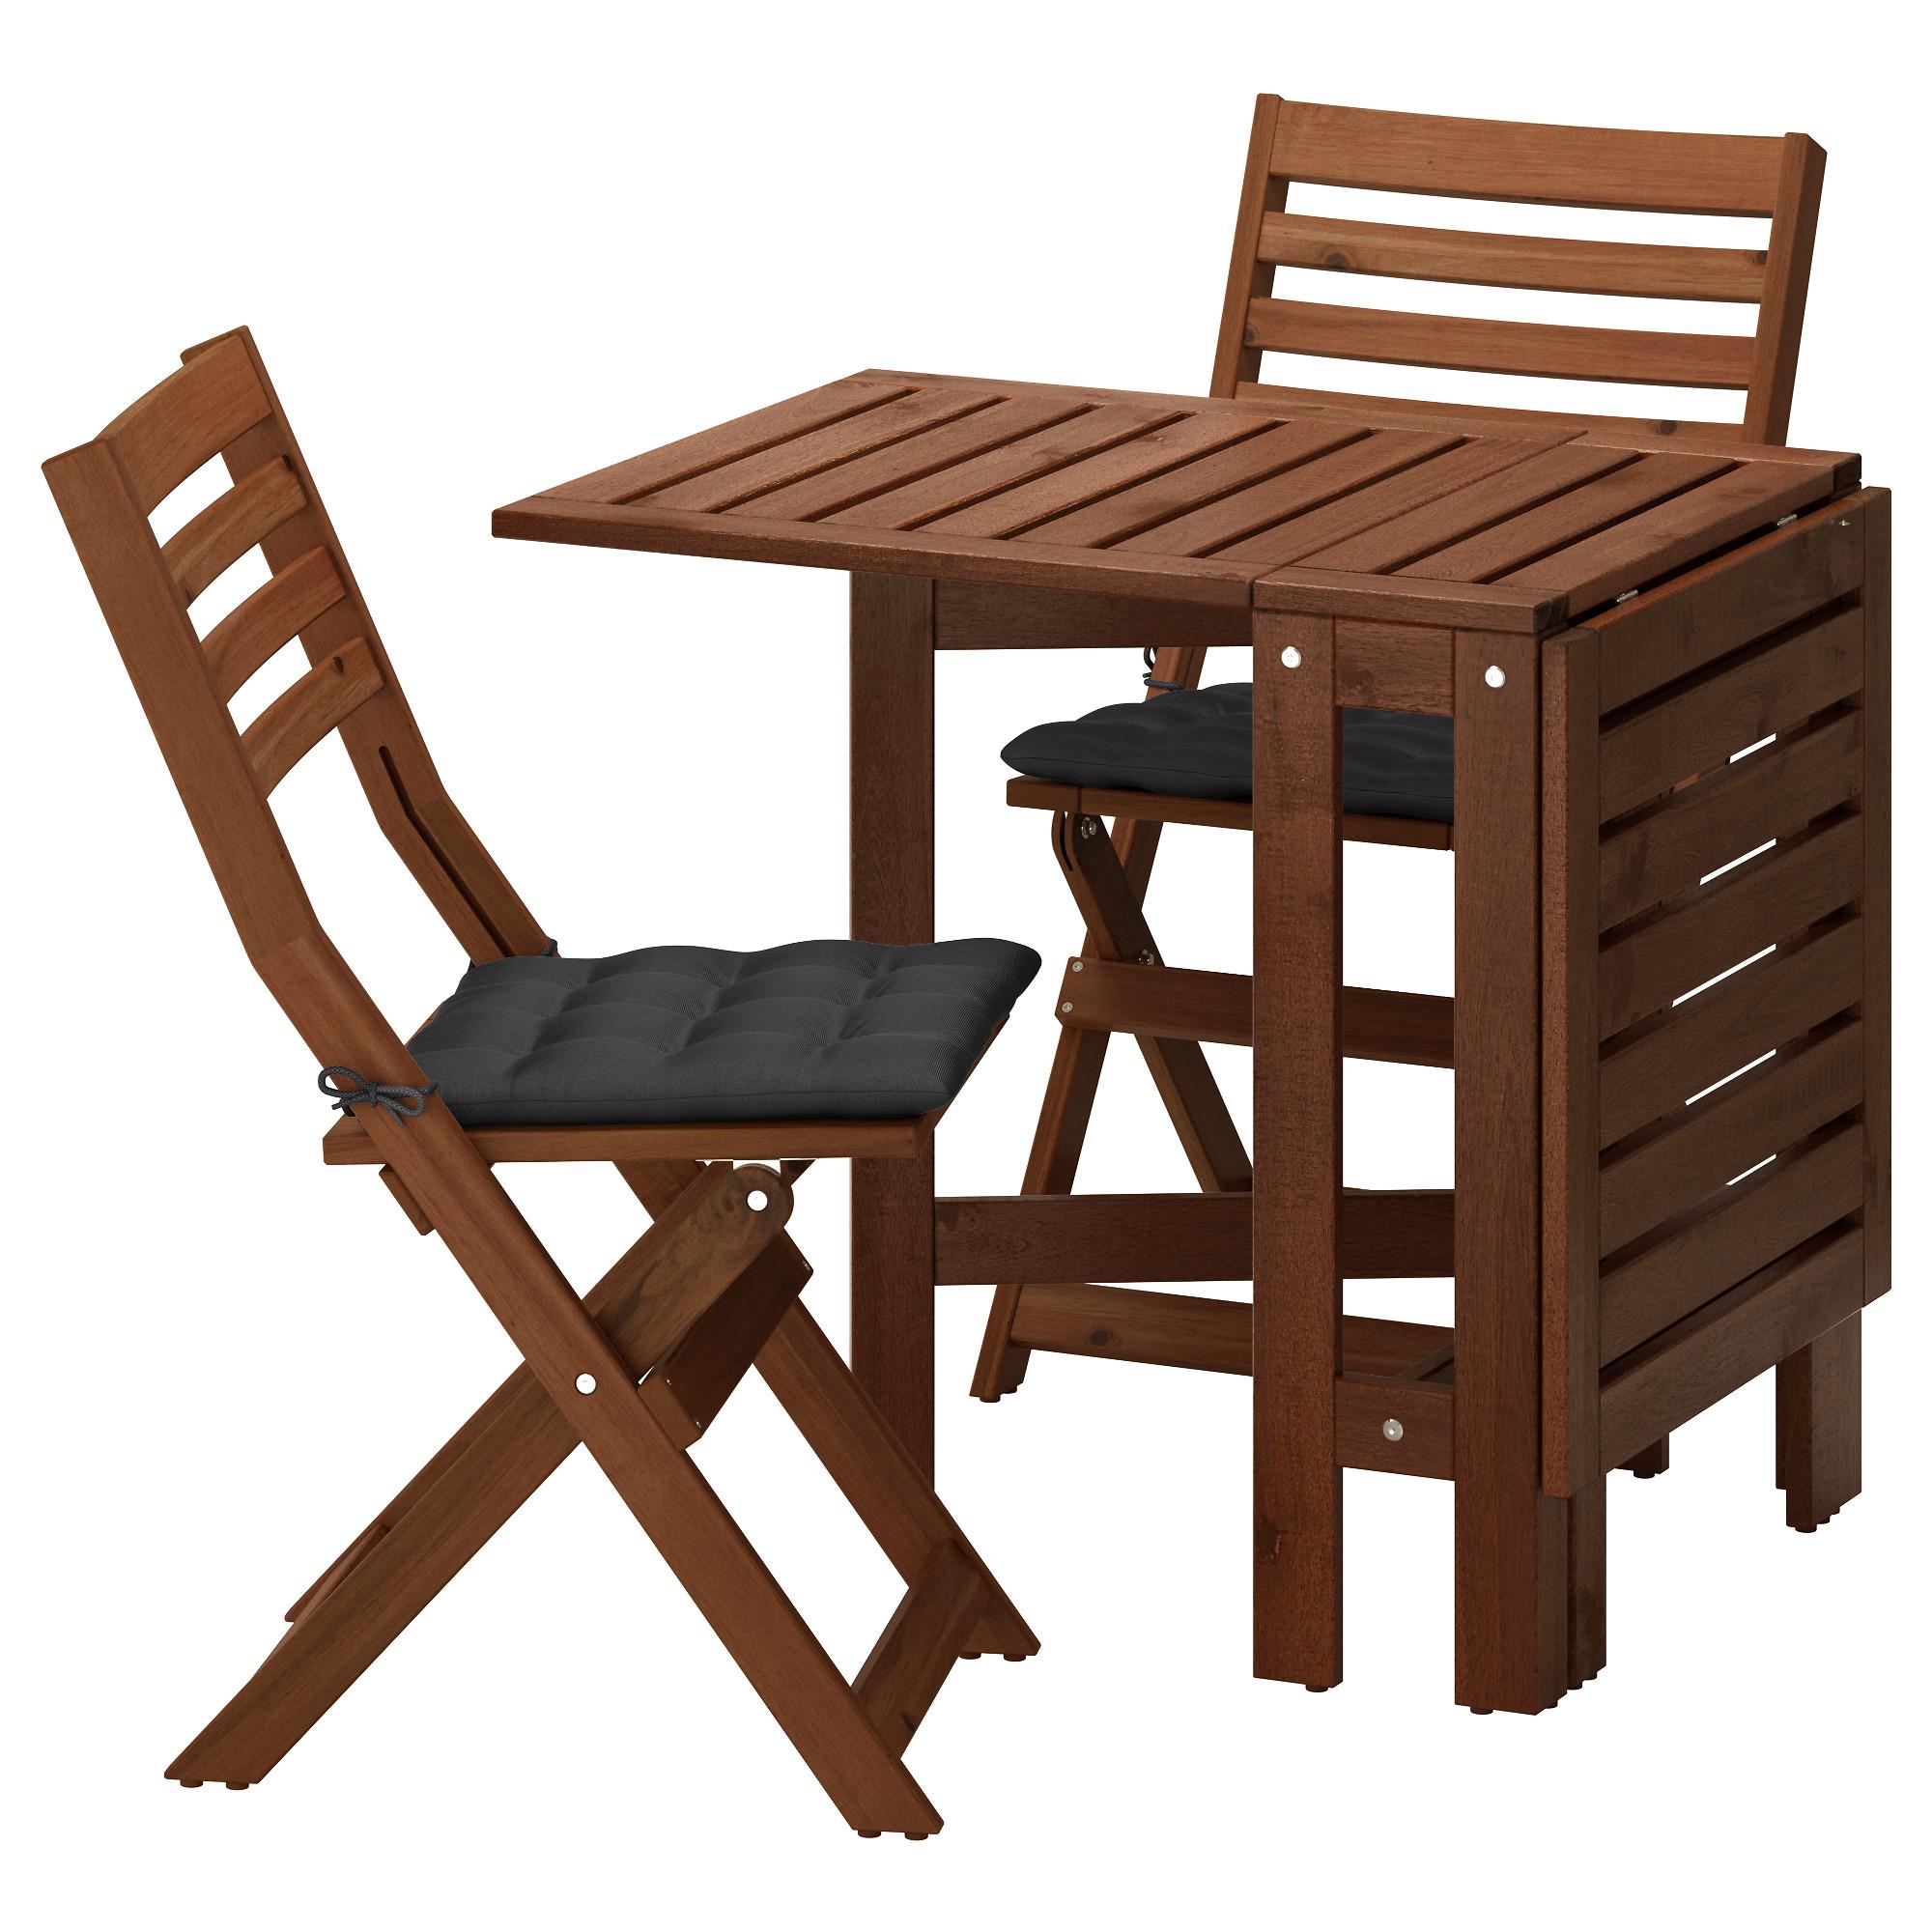 Стол + 2 складных стула для сада ЭПЛАРО черный артикуль № 892.289.24 в наличии. Онлайн сайт ИКЕА Беларусь. Недорогая доставка и соборка.